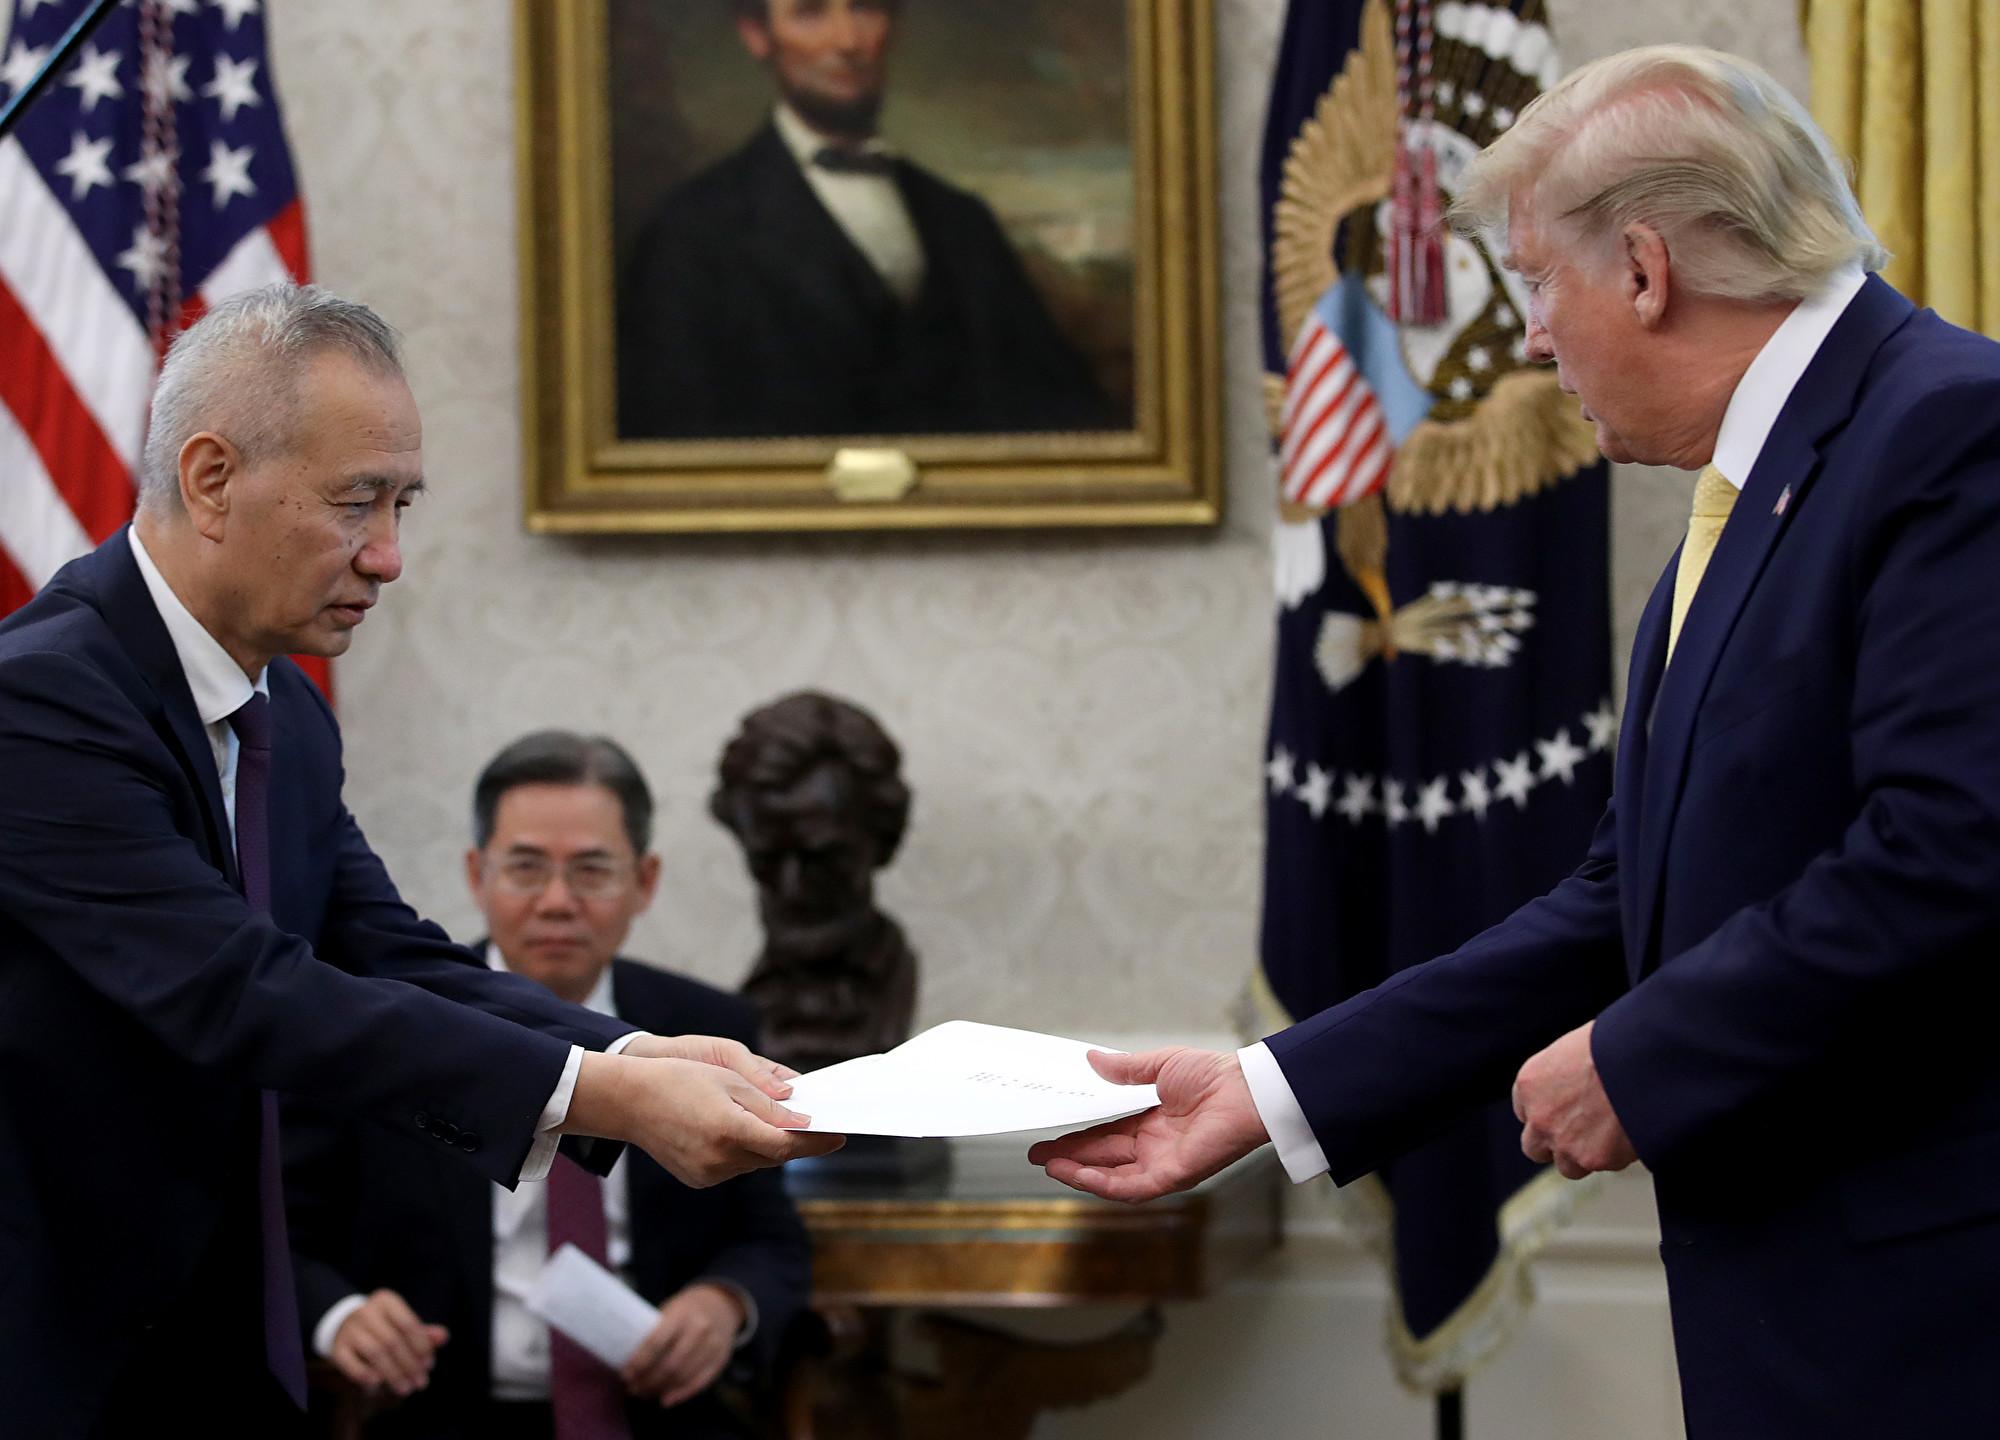 美前官員:中共陷困境 特朗普不需要貿易協議